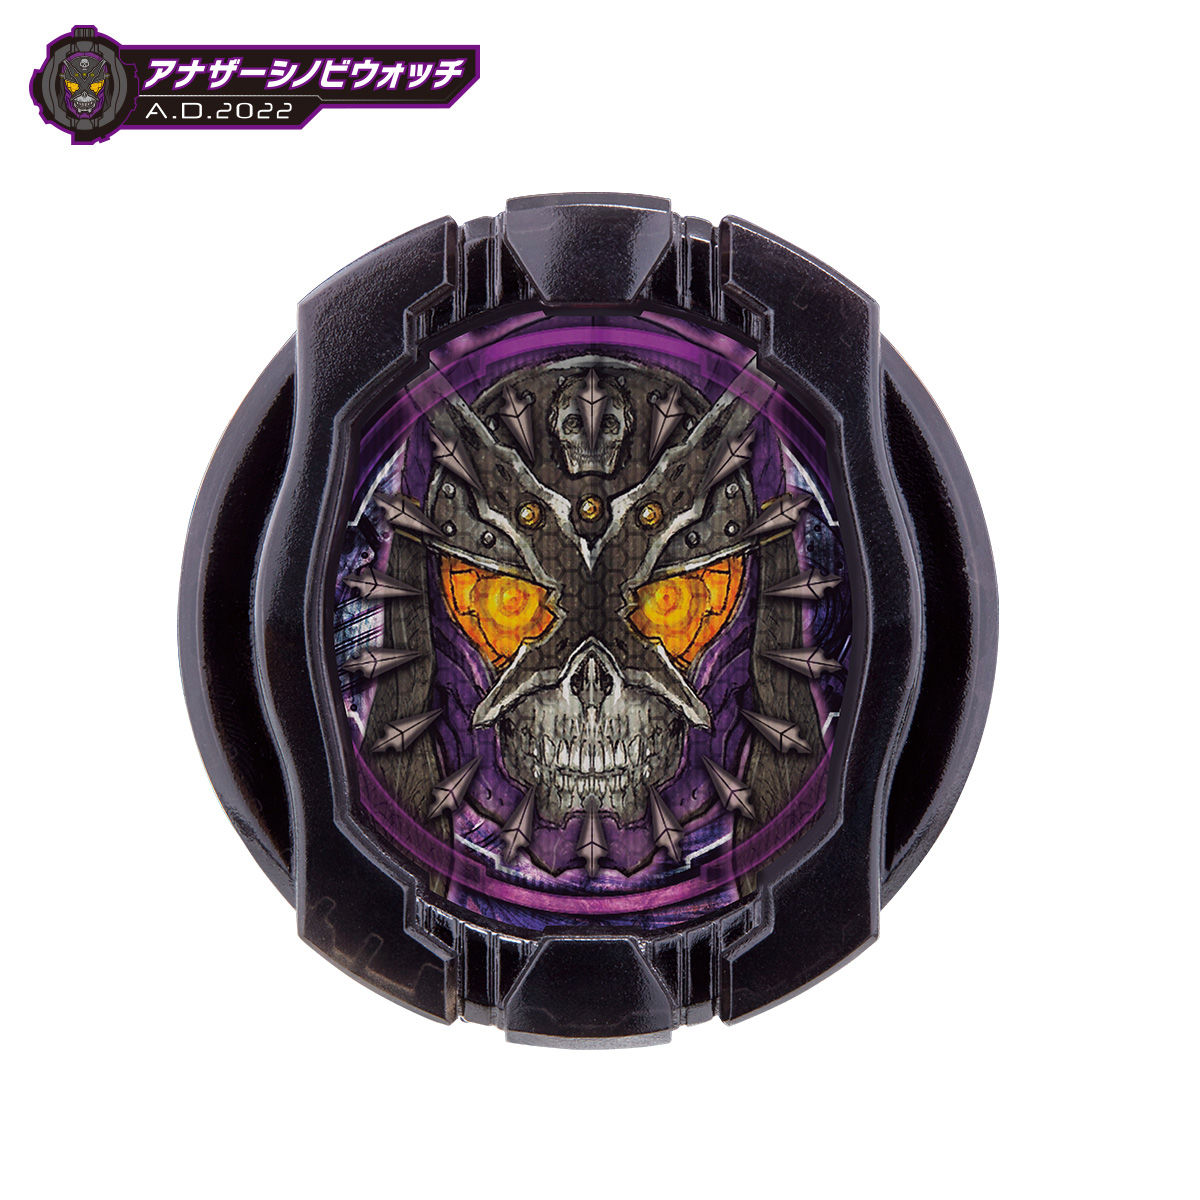 仮面ライダージオウ『DXアナザーウォッチセットVOL.3』変身なりきり-008